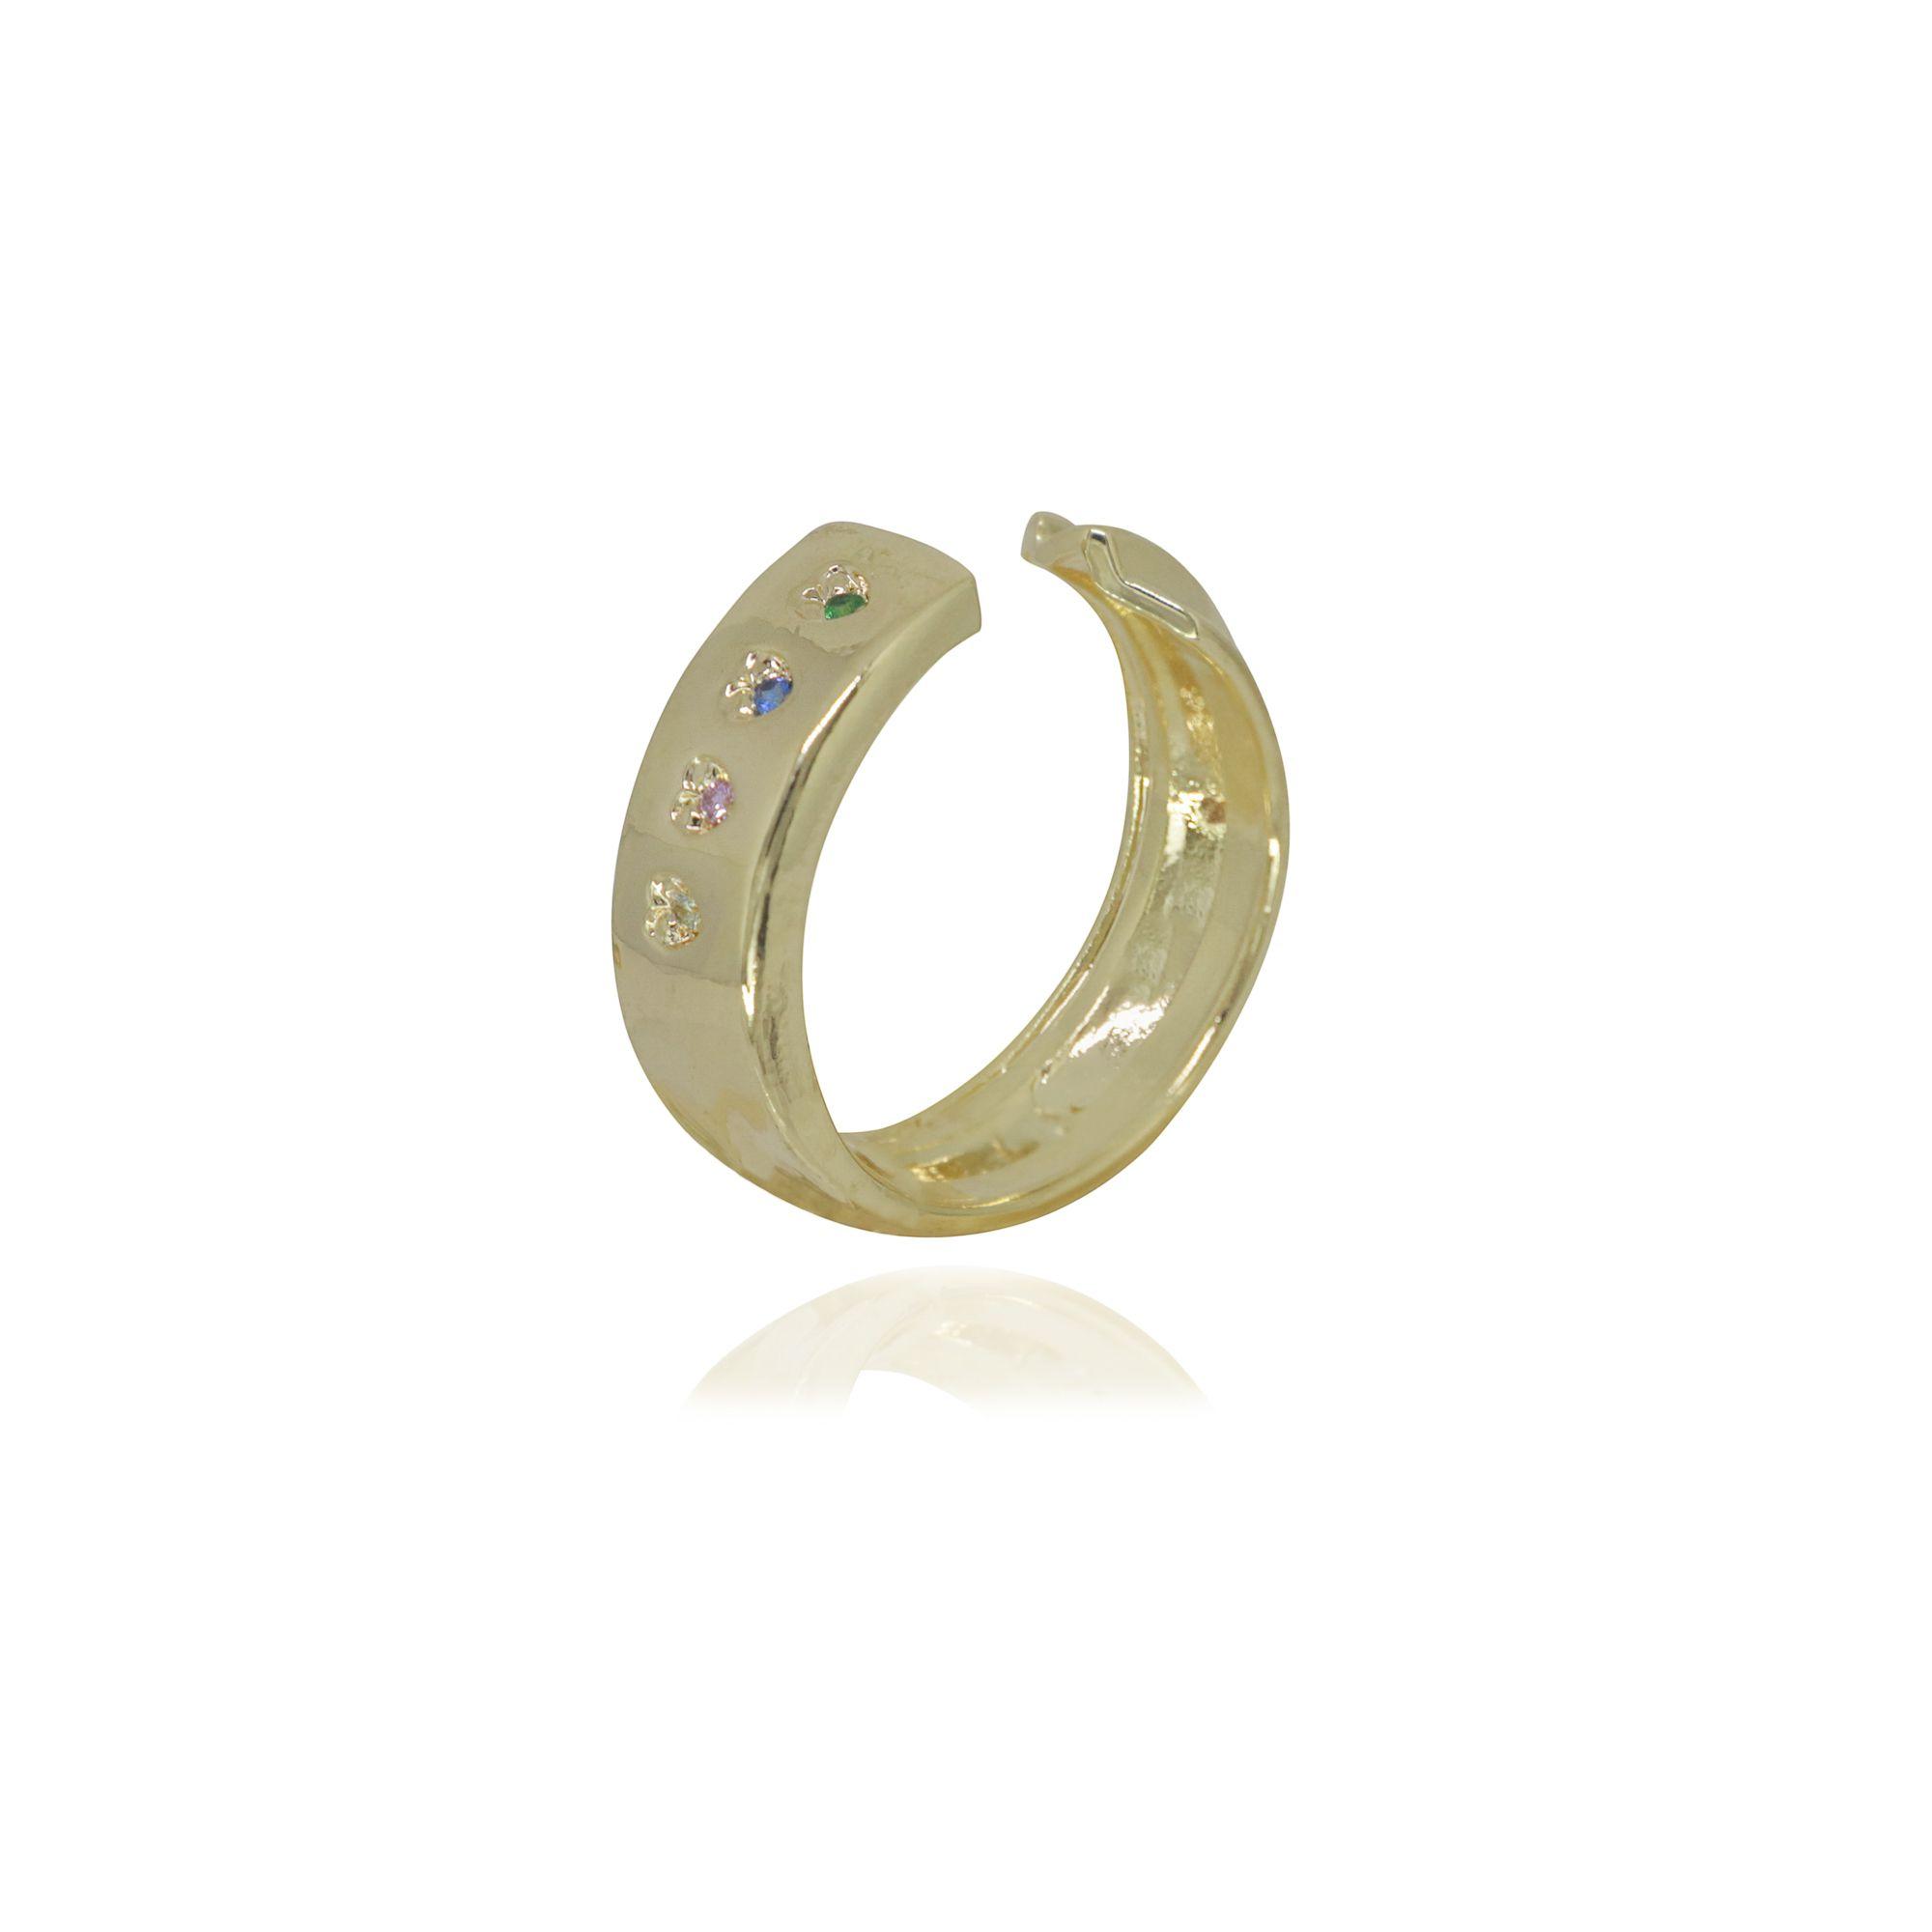 Anel regulável semi joia Imagine Coração com microzircônias e folheado a ouro 18k ou rhodium